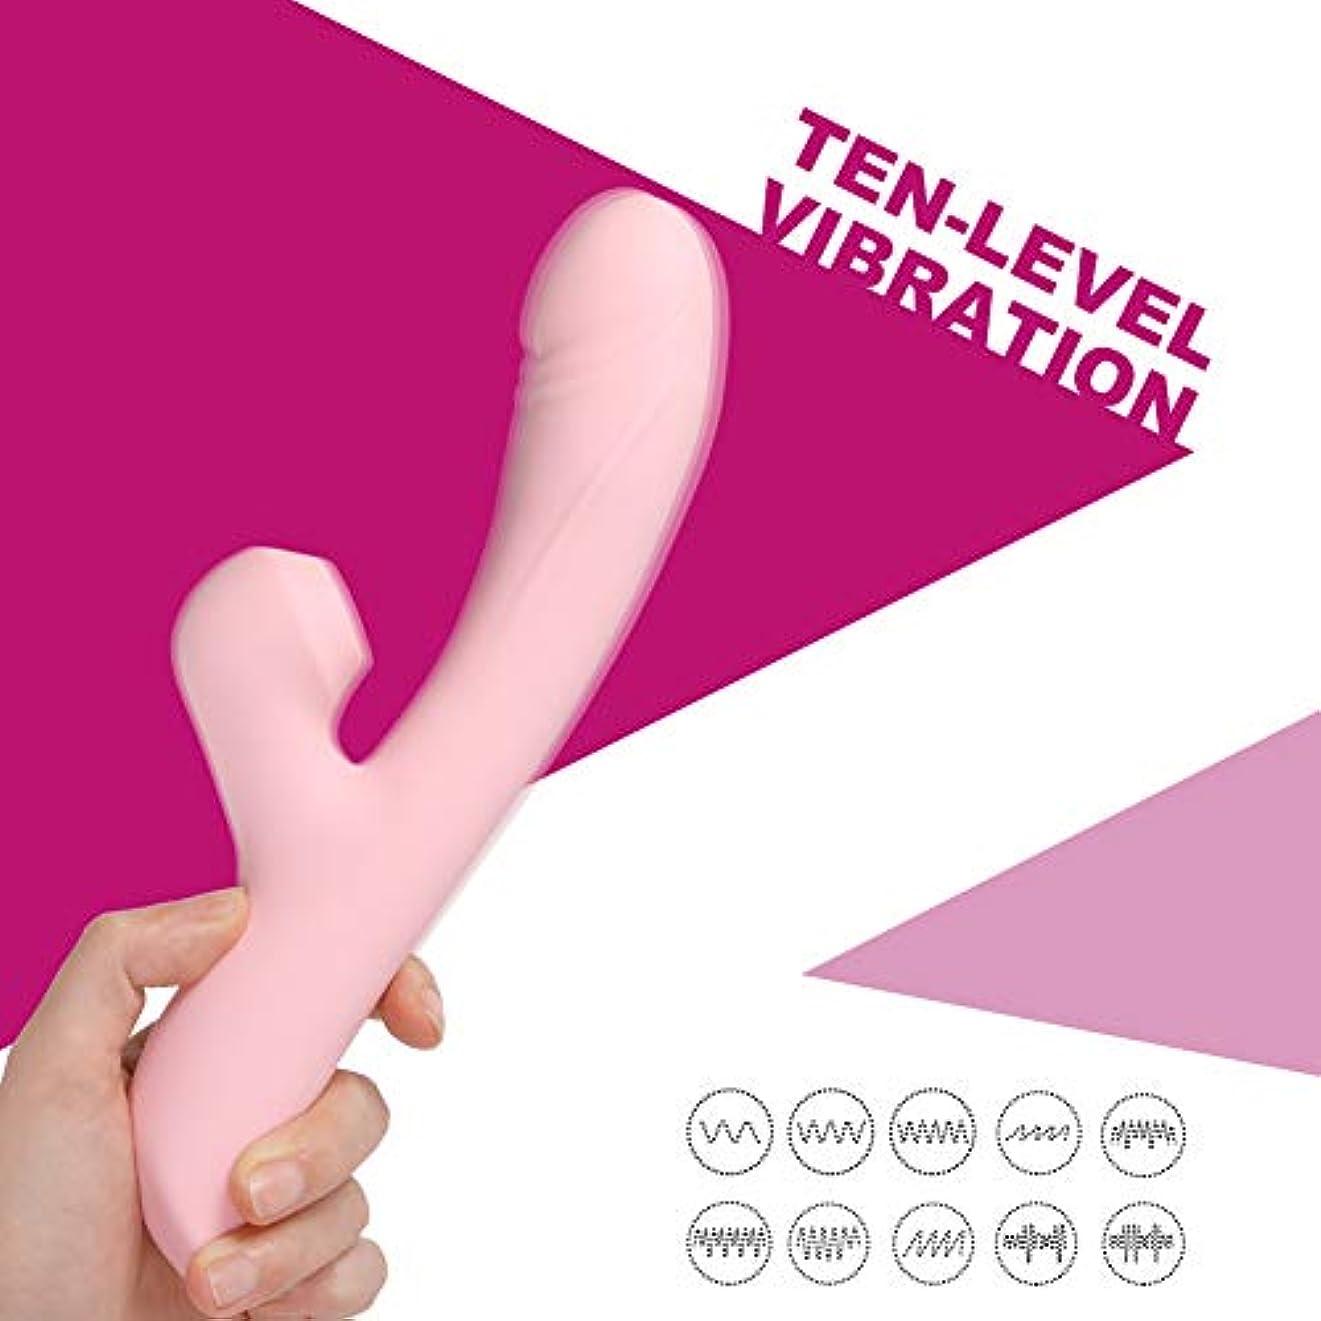 シンカン落ち着く哀ボディ 人気 バイブレーター 加熱機能 潮吹き 女性 Gスポット 女性マッサージ器 アダルトグッズ (ピンク色)